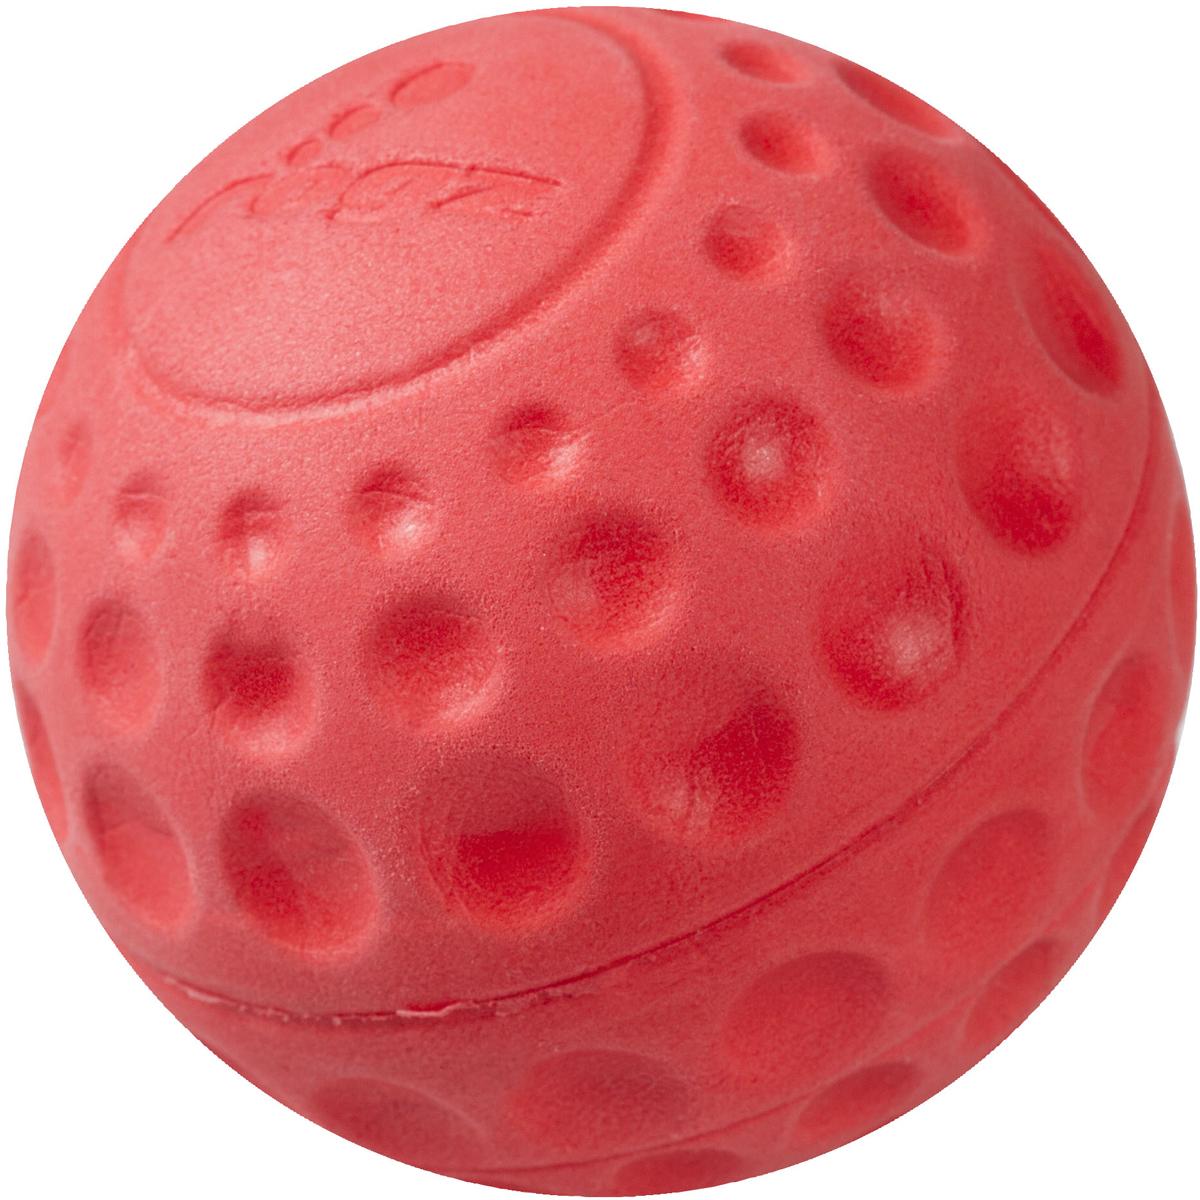 Игрушка для собак Rogz  Asteroidz , цвет: красный, диаметр 7,8 см - Игрушки